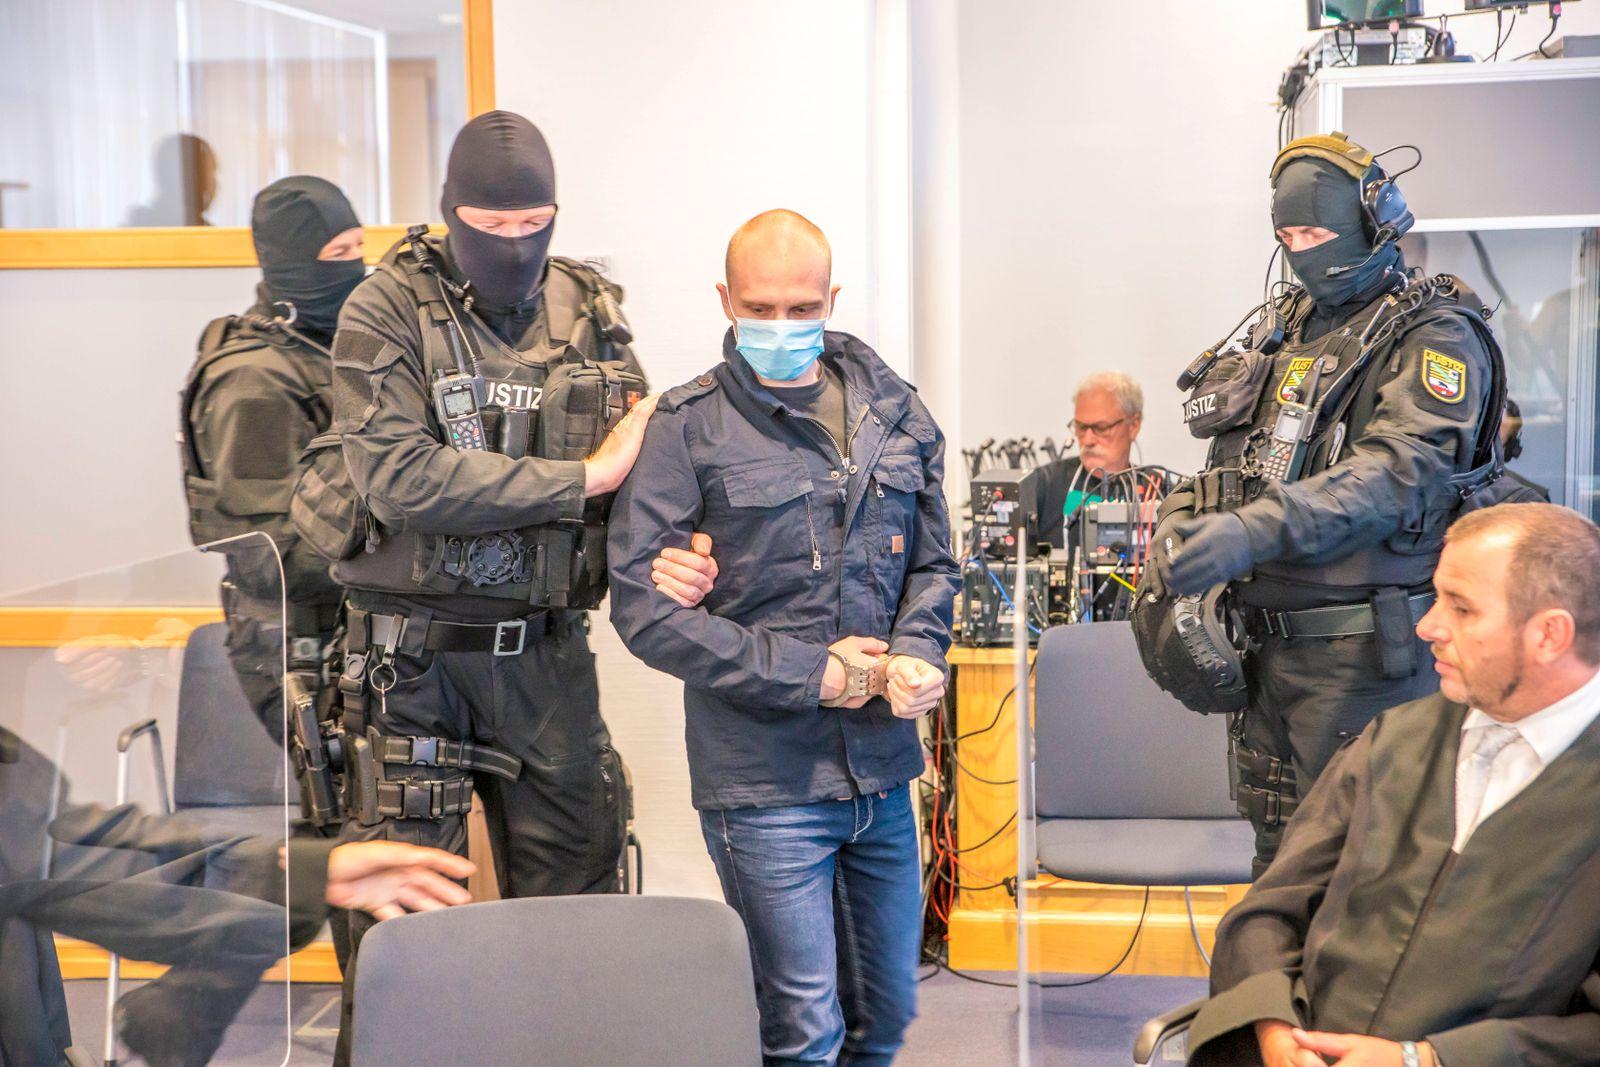 ! ACHTUNG, Prozessbeteiligte sind unkenntlich zu machen! - Am Landgericht Magdeburg begann am 21. Juli 2020 der Prozess